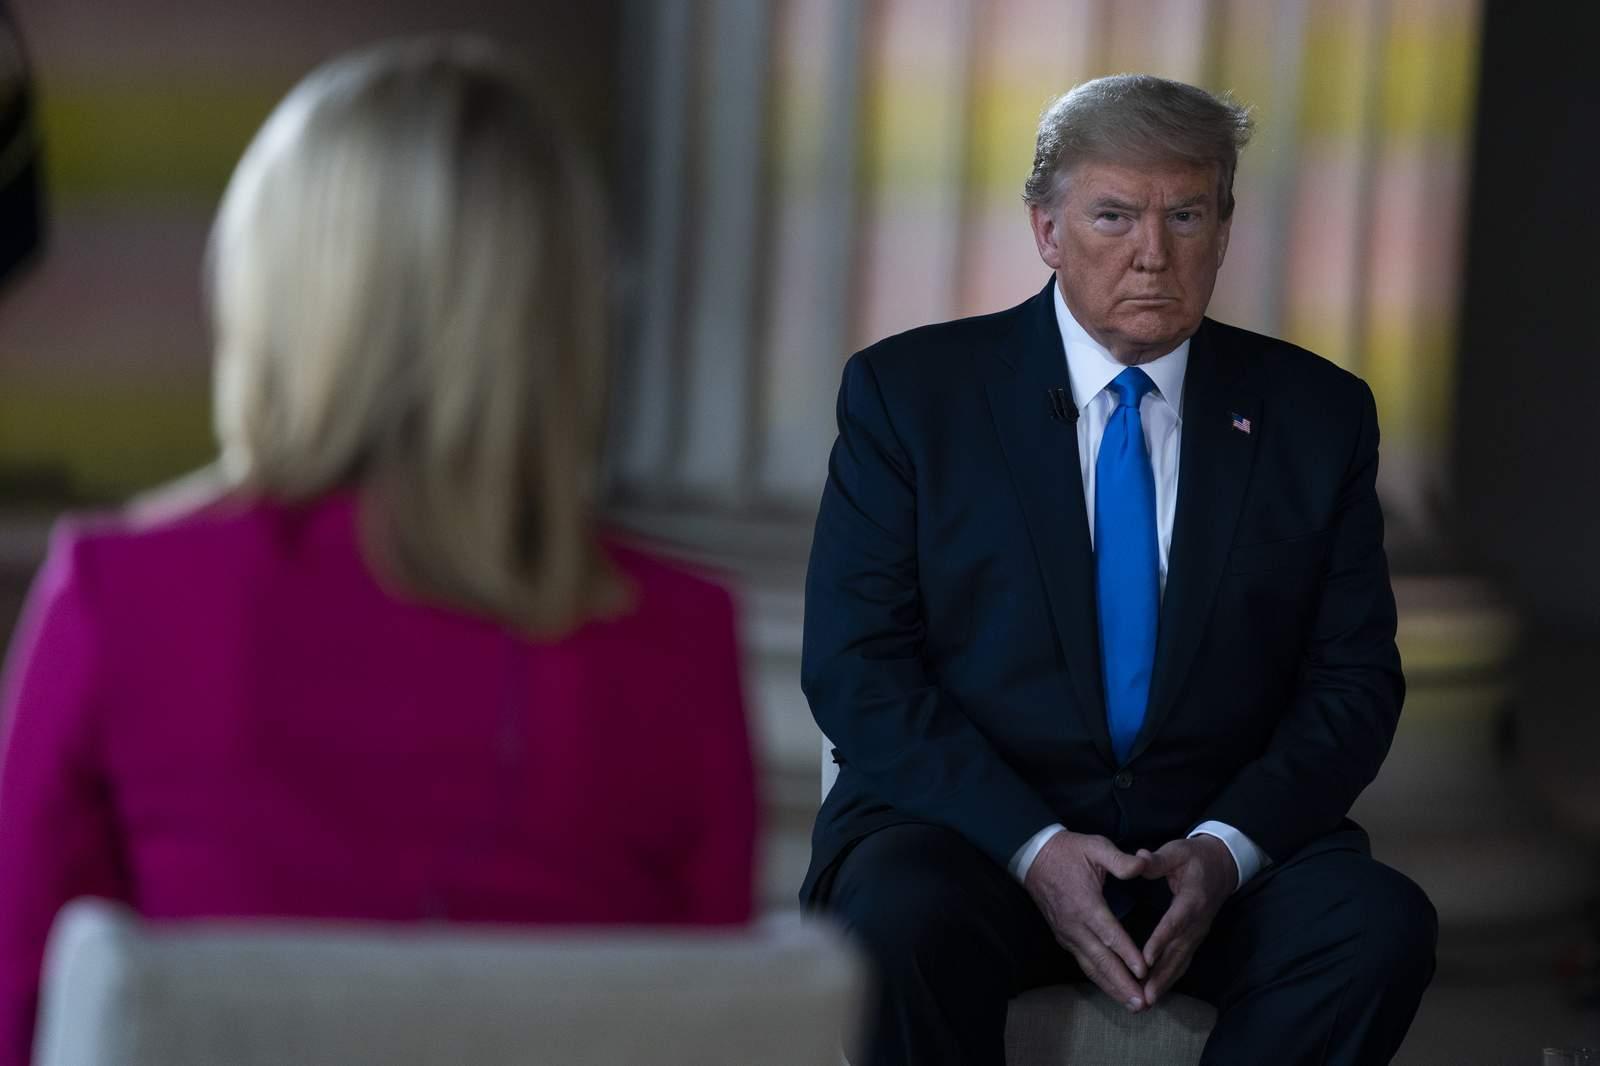 La retórica contra China de Trump apunta a impulsar el apalancamiento de EE. UU. 5